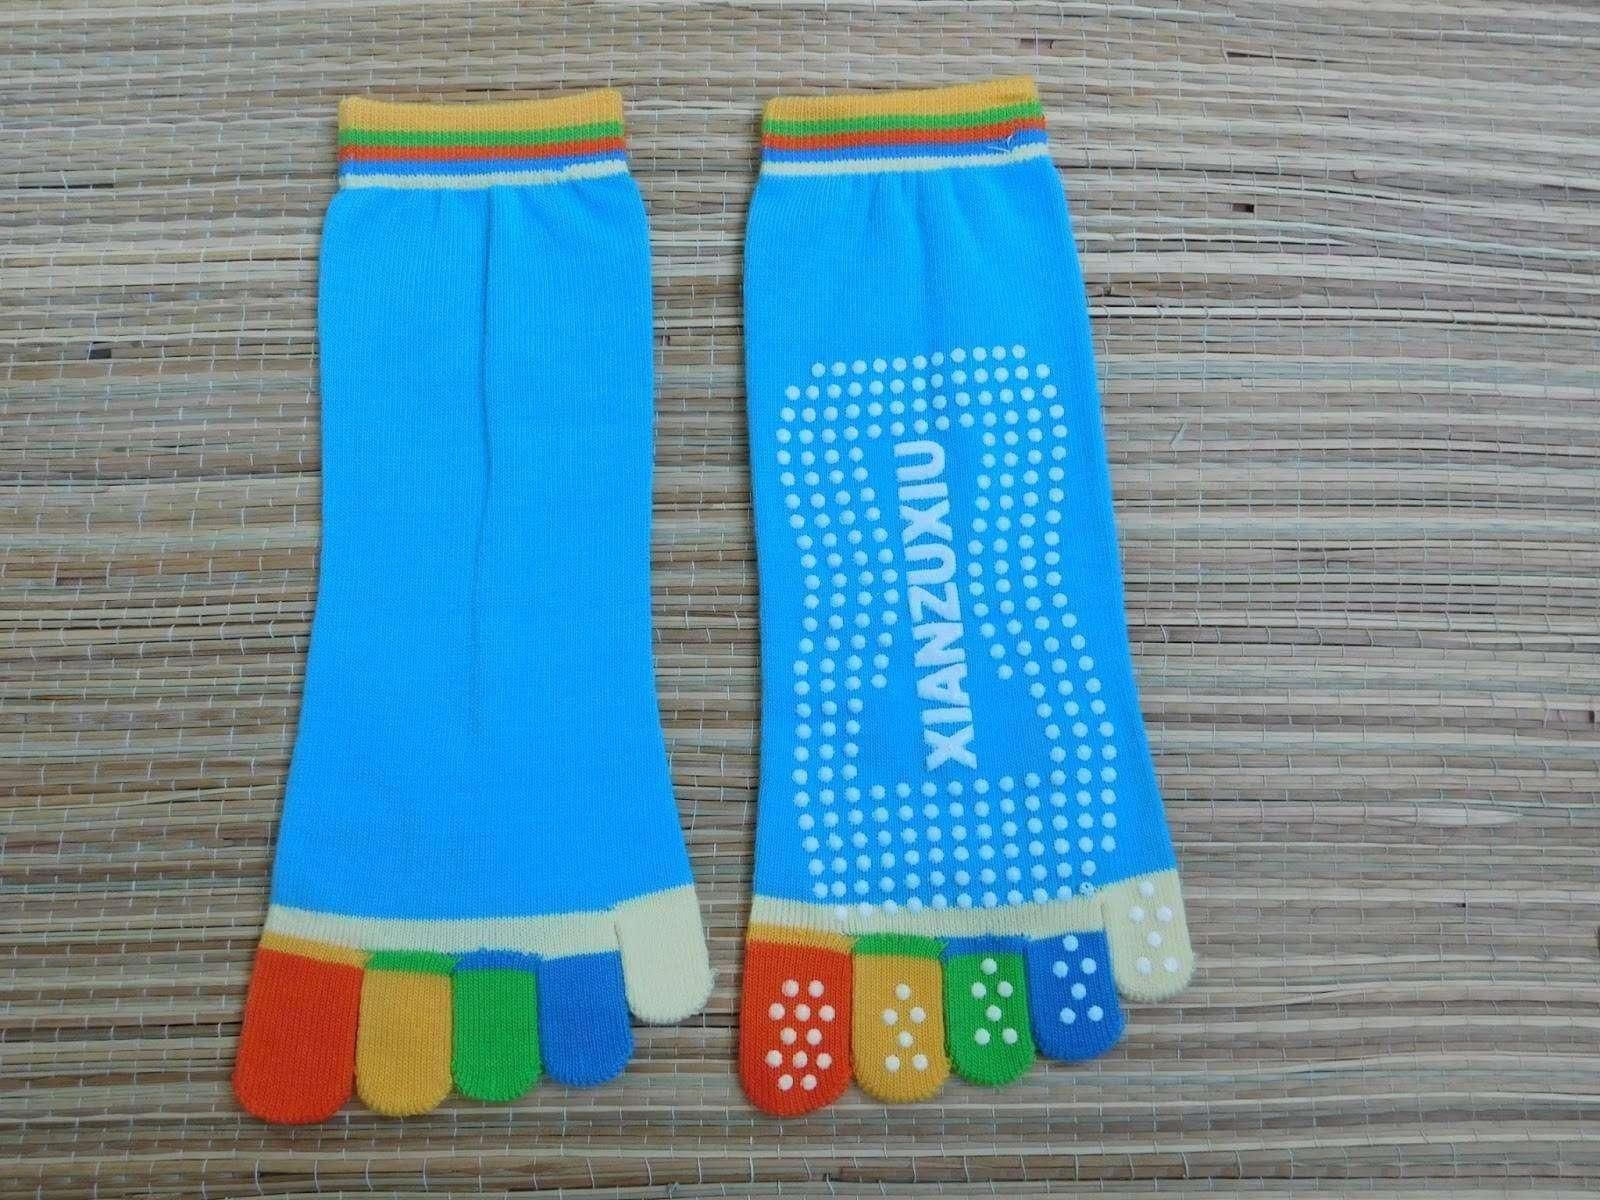 GearBest: Женские носки с раздельными пальцами Xianzhuxiu Yoga